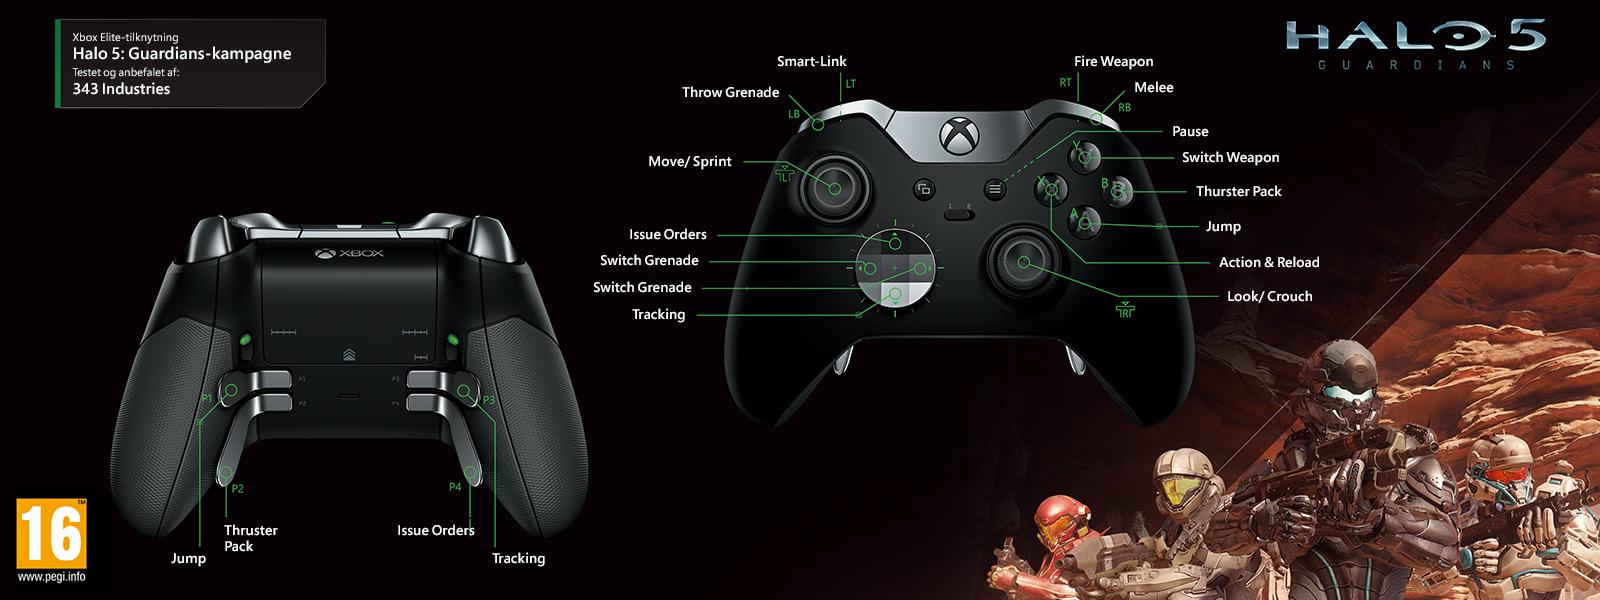 Halo 5 – Elite-konfiguration til Guardians-kampagne